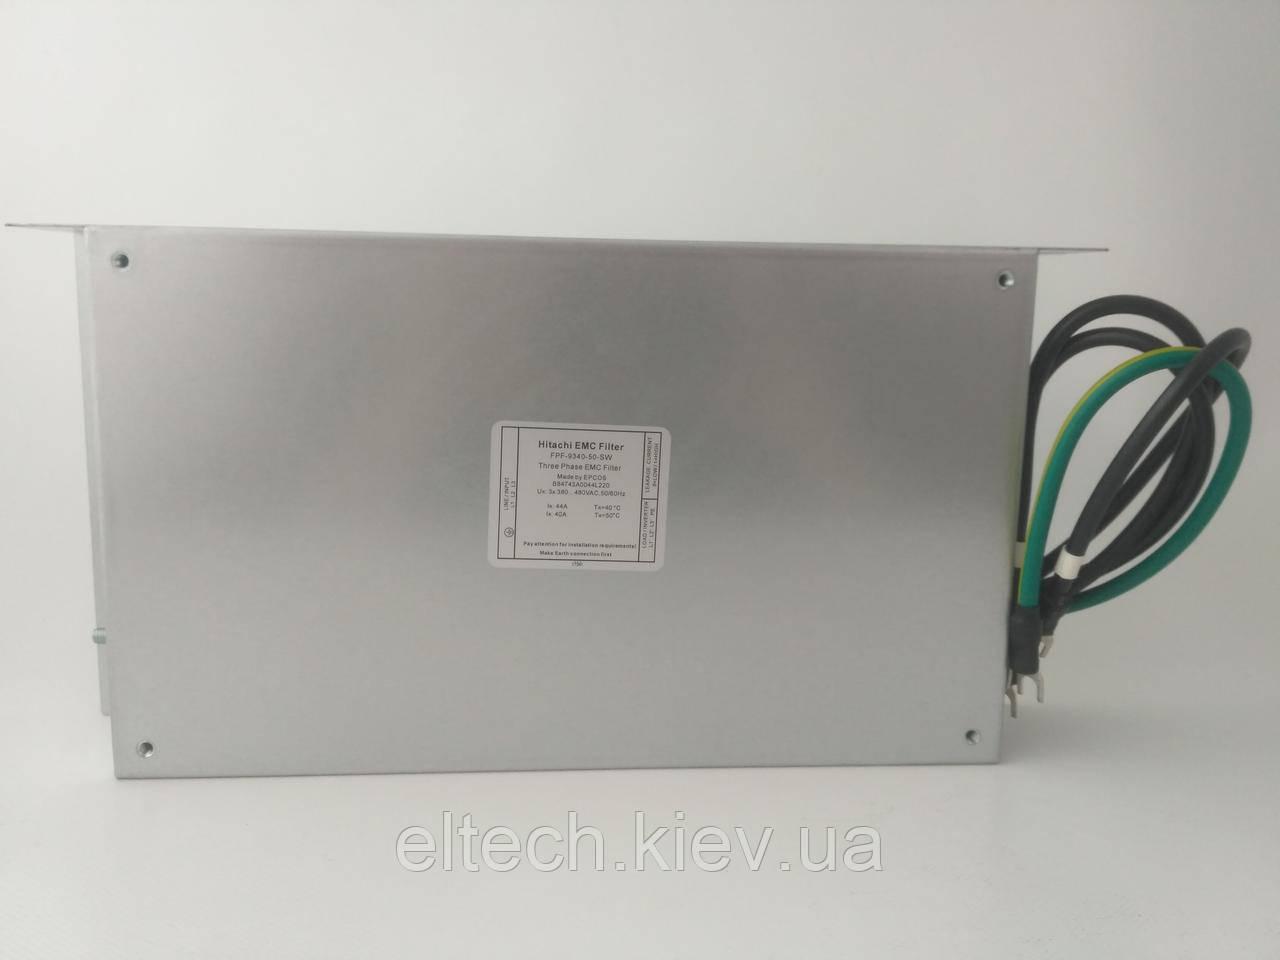 Фильтр сетевой FPF-9340-30 для WL200-(075, 110)HF